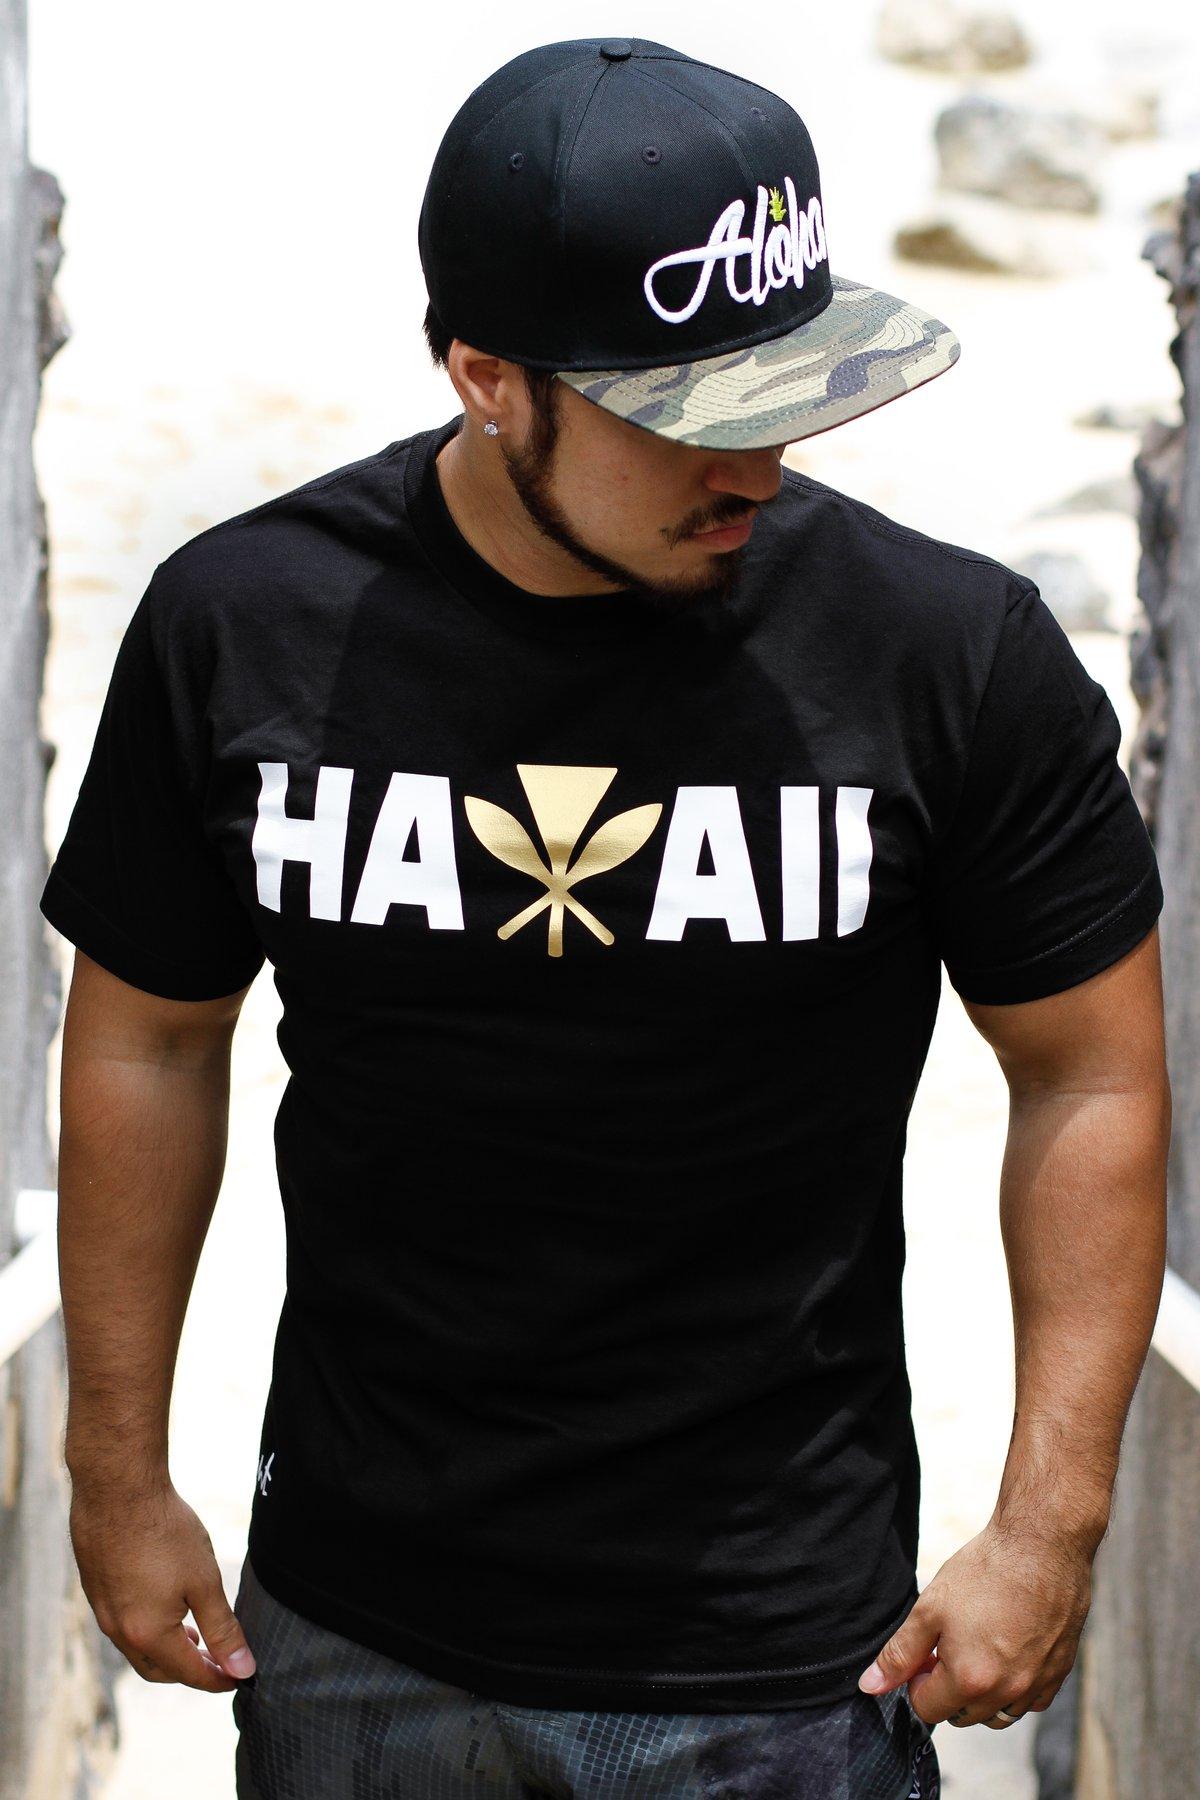 Hawaii Maoli Tee (Black/Gold)